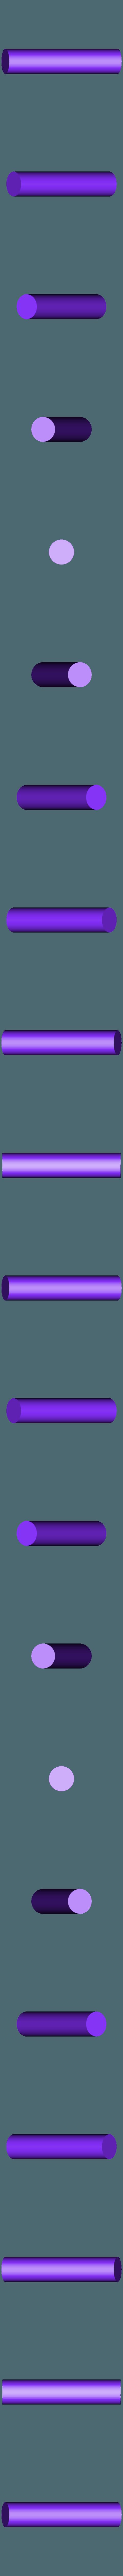 Leg-Left-Pin.stl Télécharger fichier STL gratuit Big Optimus Prime! - Modèle multi-matériaux • Plan pour imprimante 3D, ChaosCoreTech